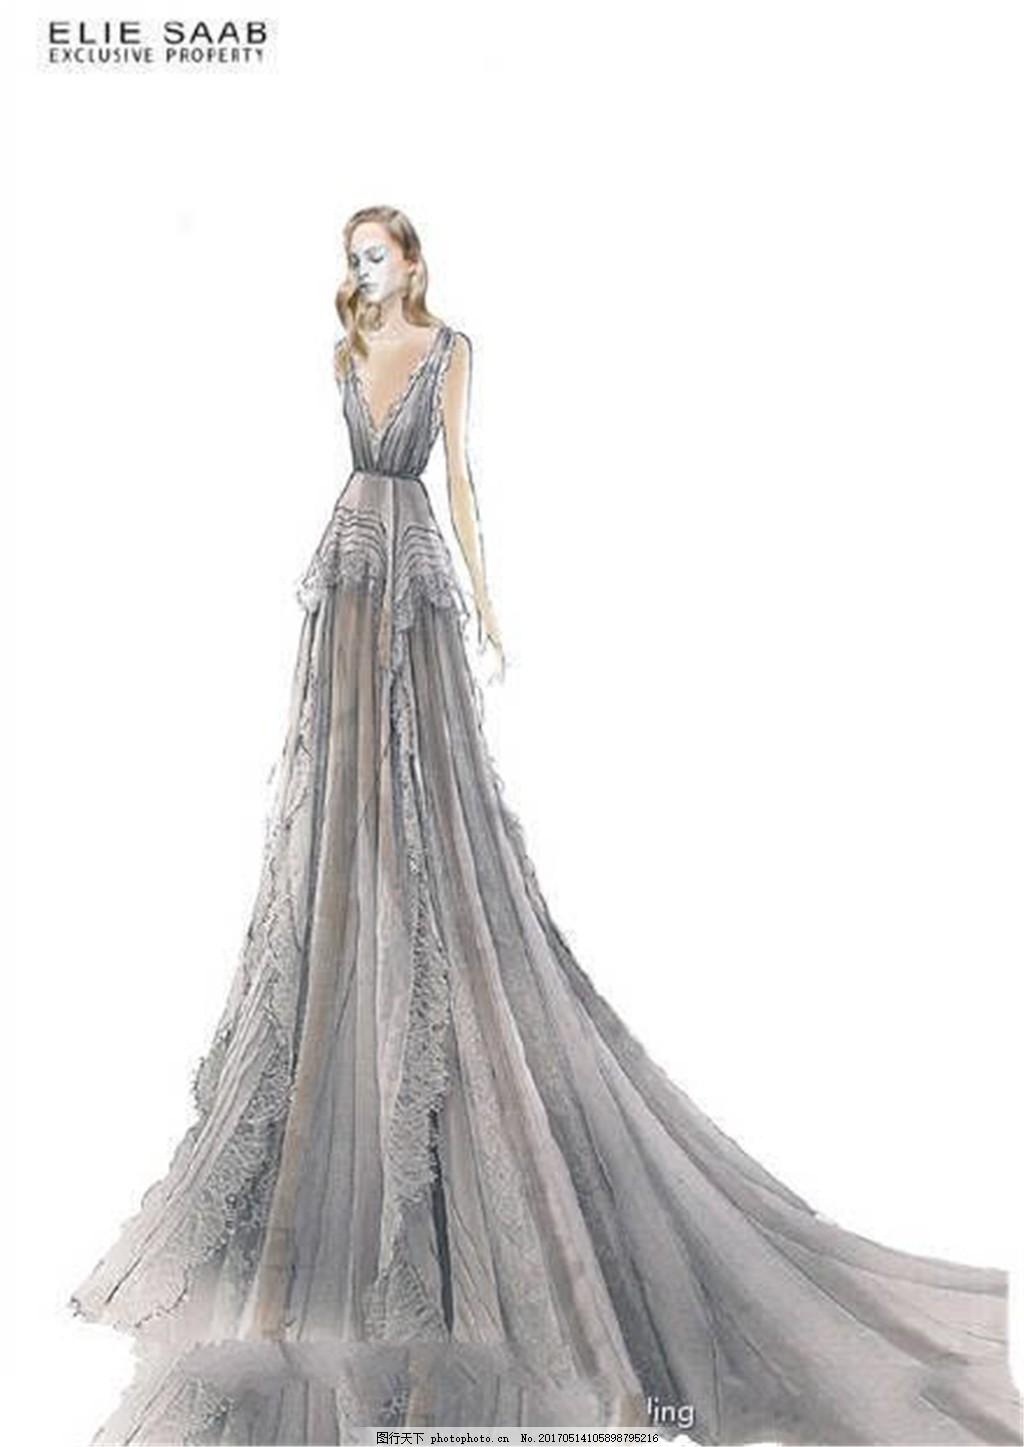 设计图库 现代科技 服装设计  灰色深v礼服设计图 服装设计 时尚女装